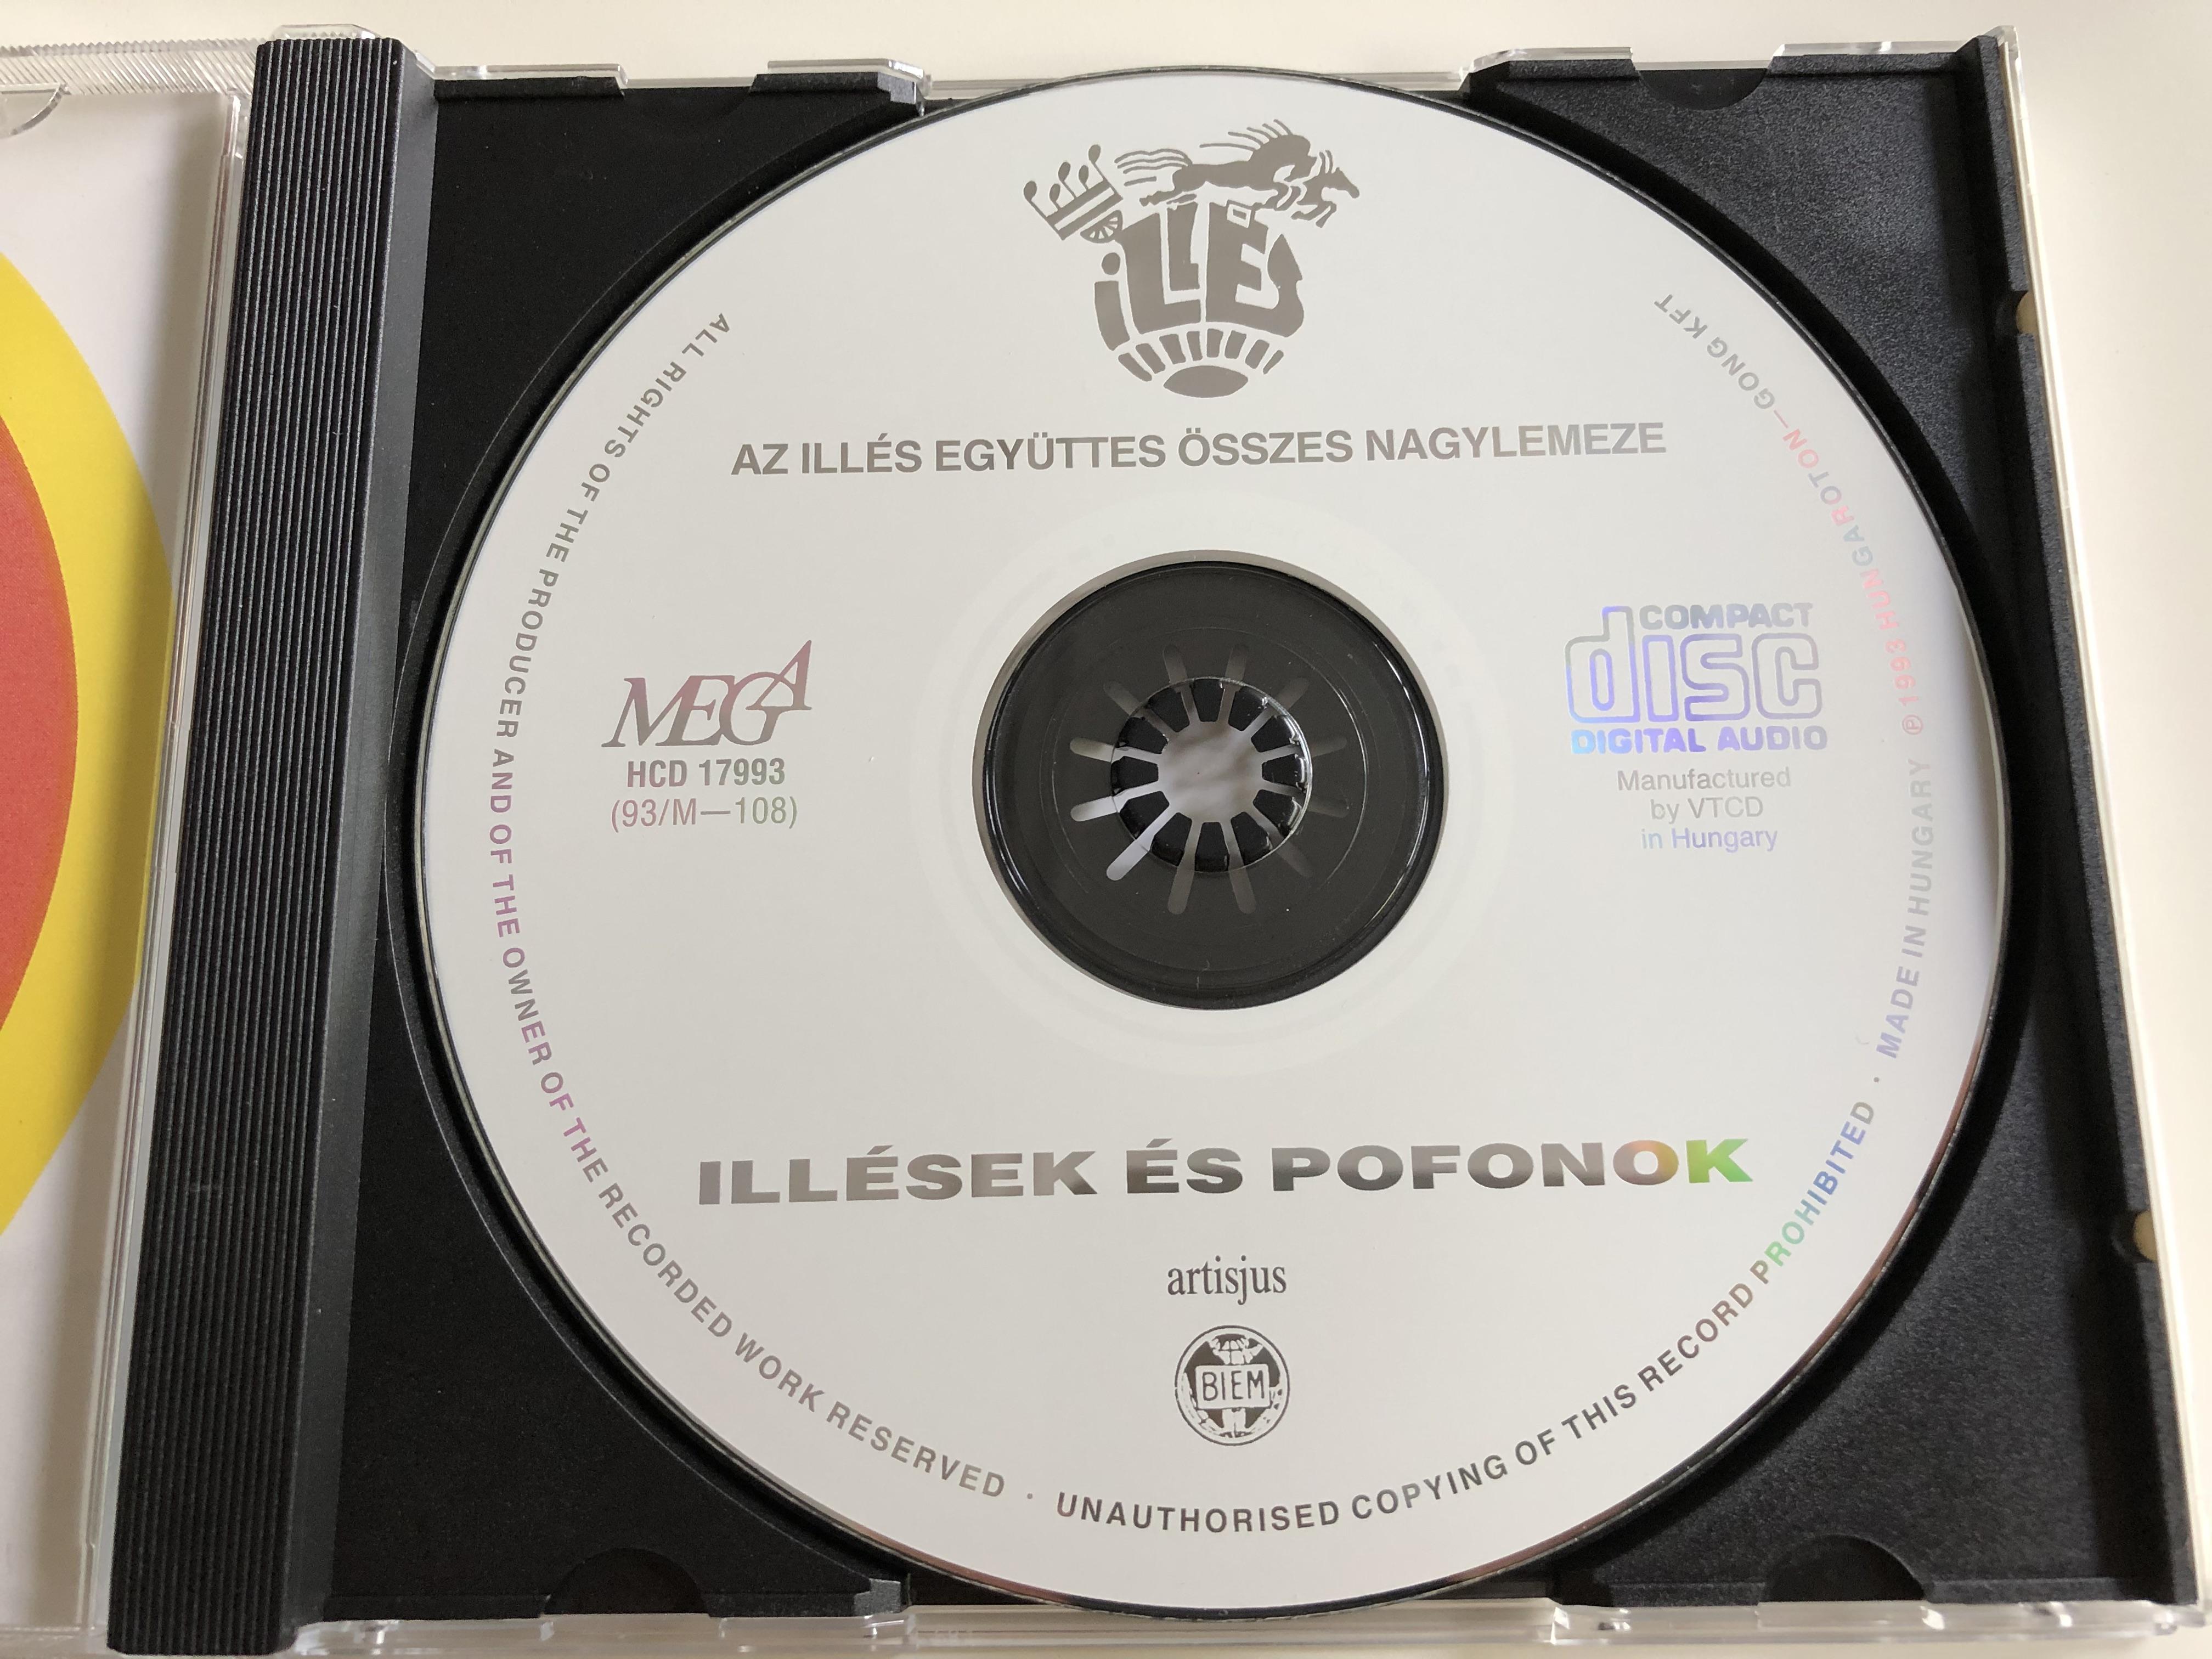 ill-sek-s-pofonok-no.-3-az-ill-s-egy-ttes-ssze-nagylemeze-audio-cd-1993-6-.jpg